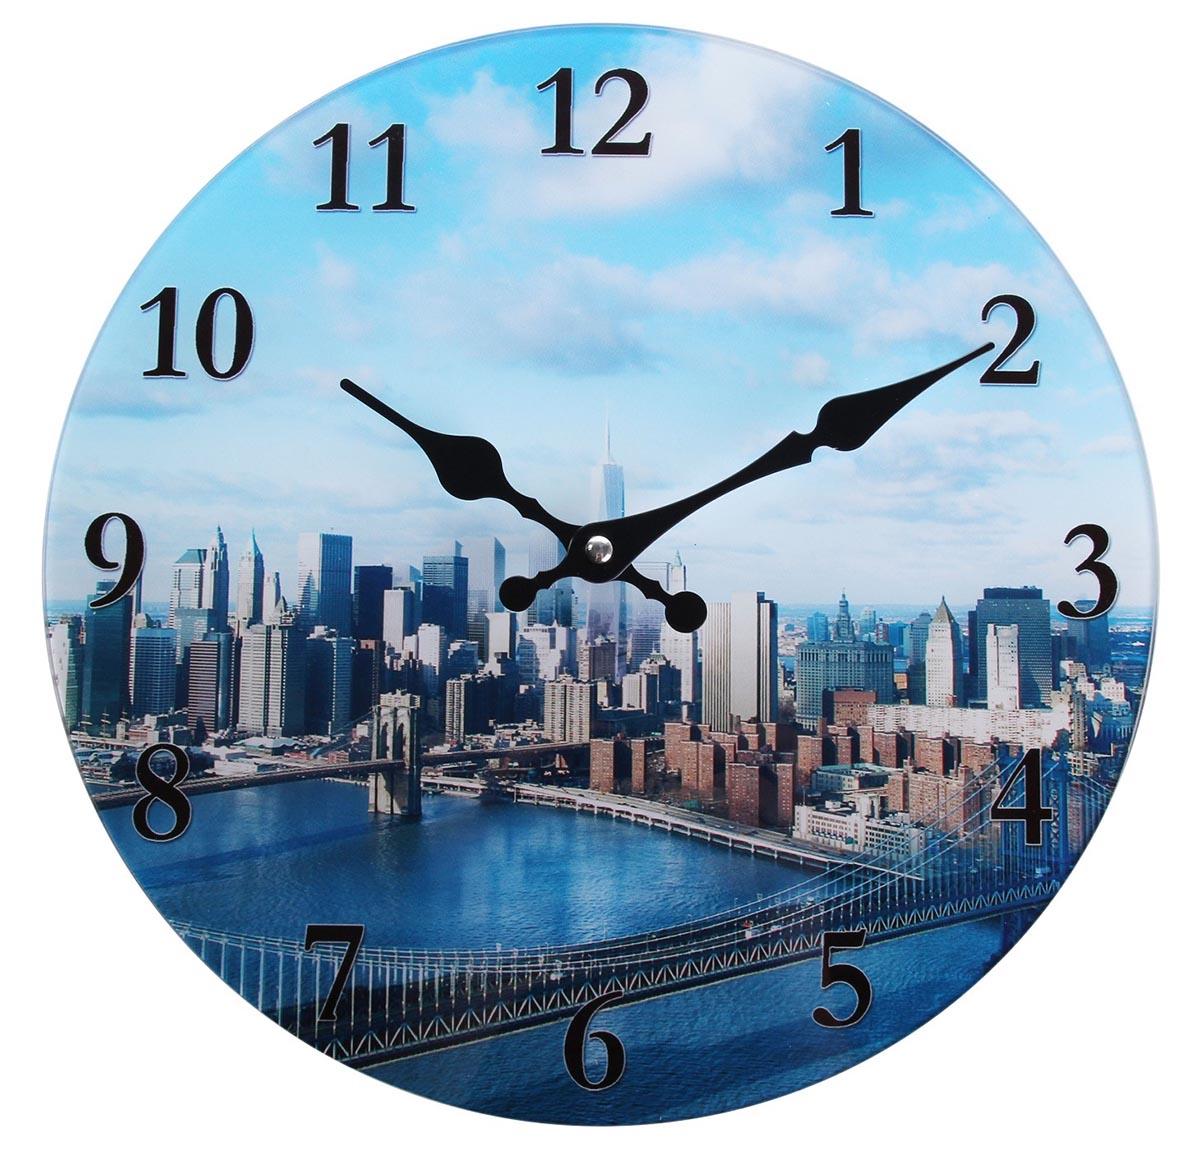 Часы настенные Мегаполис утром, диаметр 30 см760929Каждому хозяину периодически приходит мысль обновить свою квартиру, сделать ремонт, перестановку или кардинально поменять внешний вид каждой комнаты. Часы настенные из стекла Мегаполис — привлекательная деталь, которая поможет воплотить вашу интерьерную идею, создать неповторимую атмосферу в вашем доме. Окружите себя приятными мелочами, пусть они радуют глаз и дарят гармонию.часы настенные круг Мегаполис утром d=30см 760929